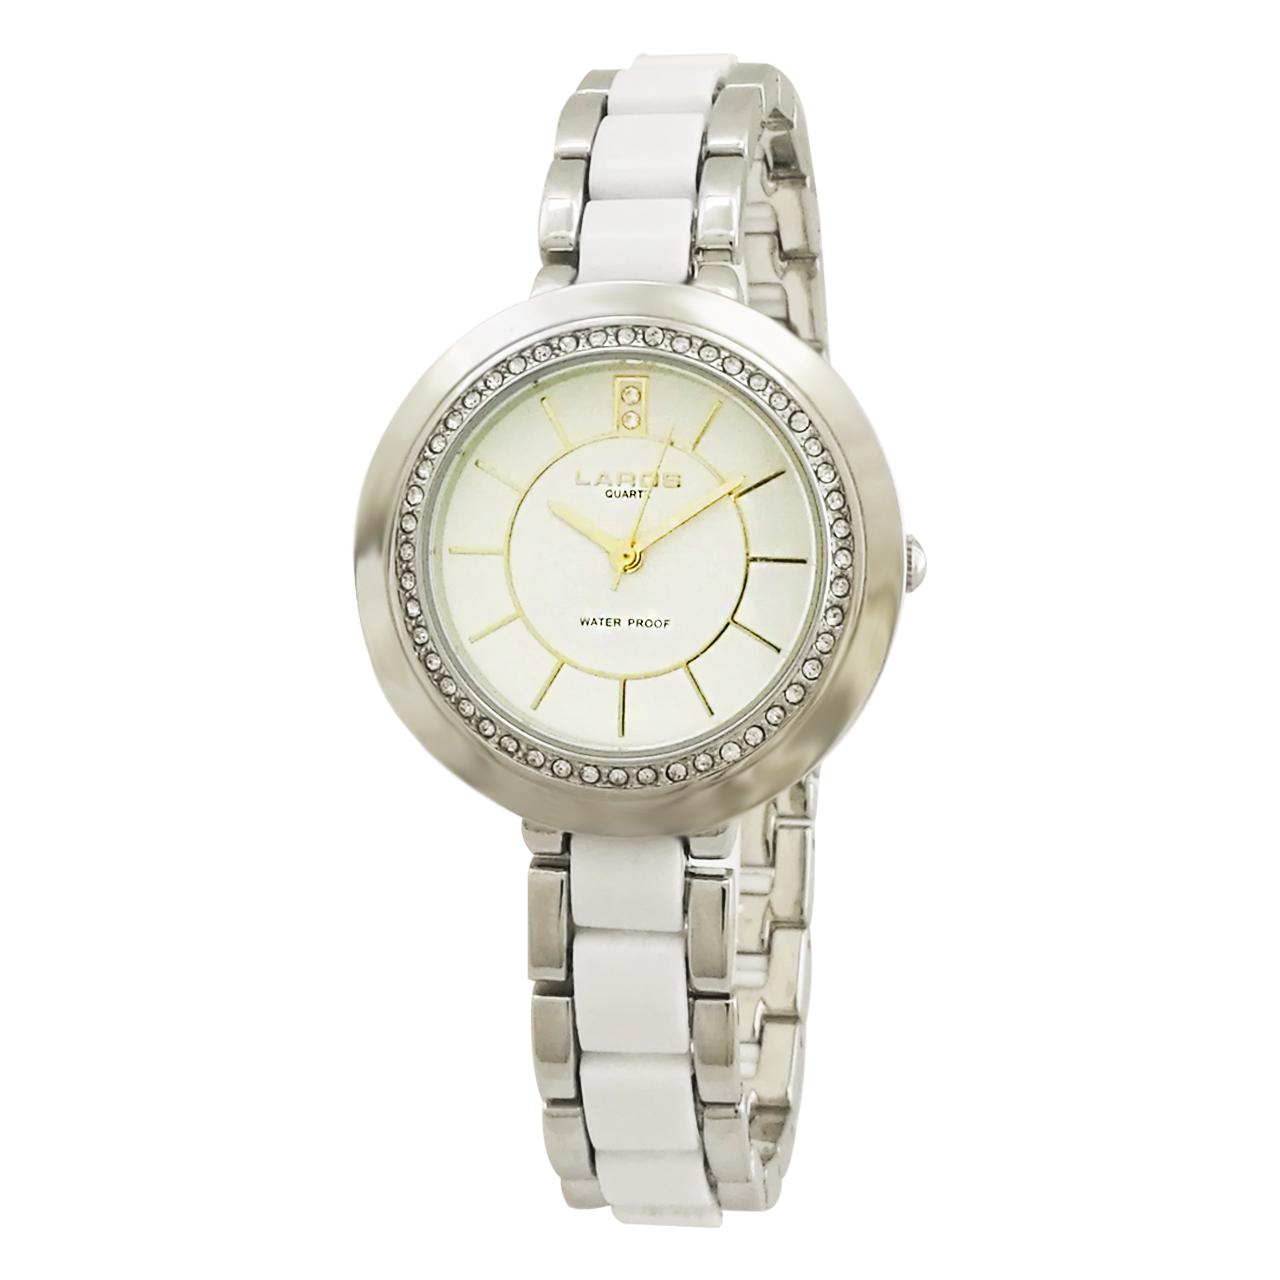 ساعت مچی عقربه ای زنانه لاروس مدل 0617-79242